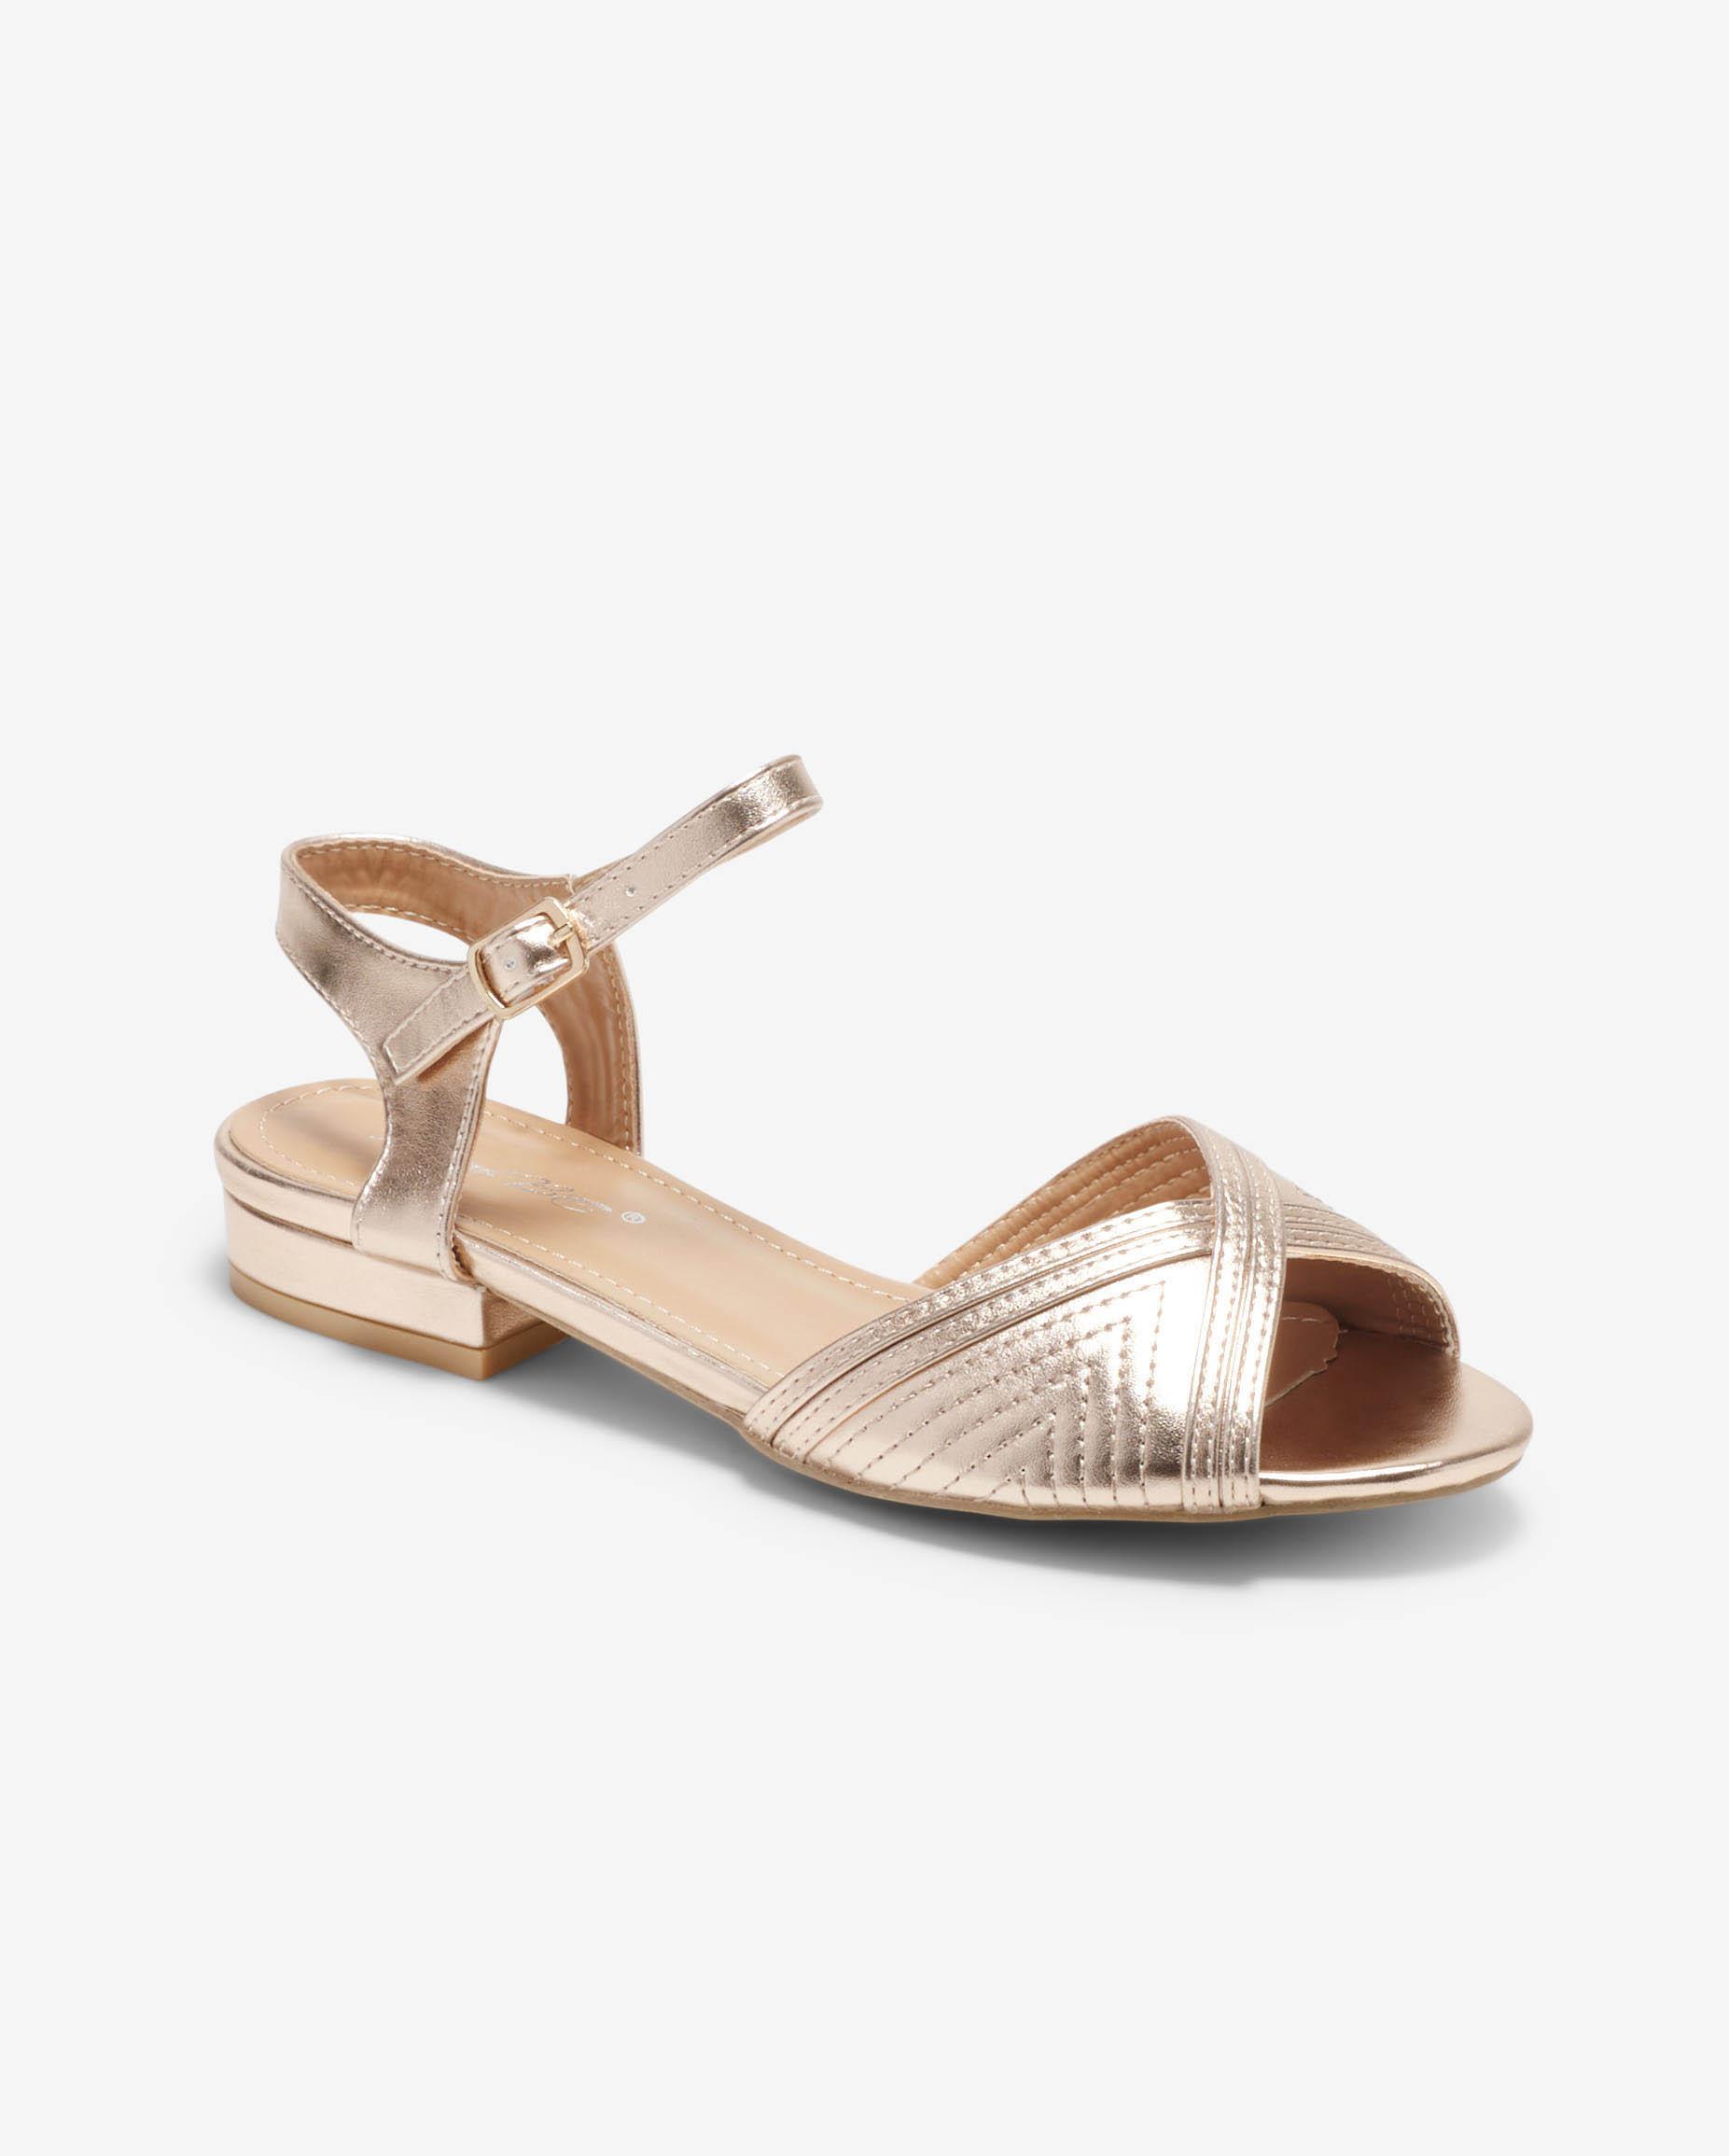 Sandales Plates Femme - Sandale Plate Champagne Jina - Ve592